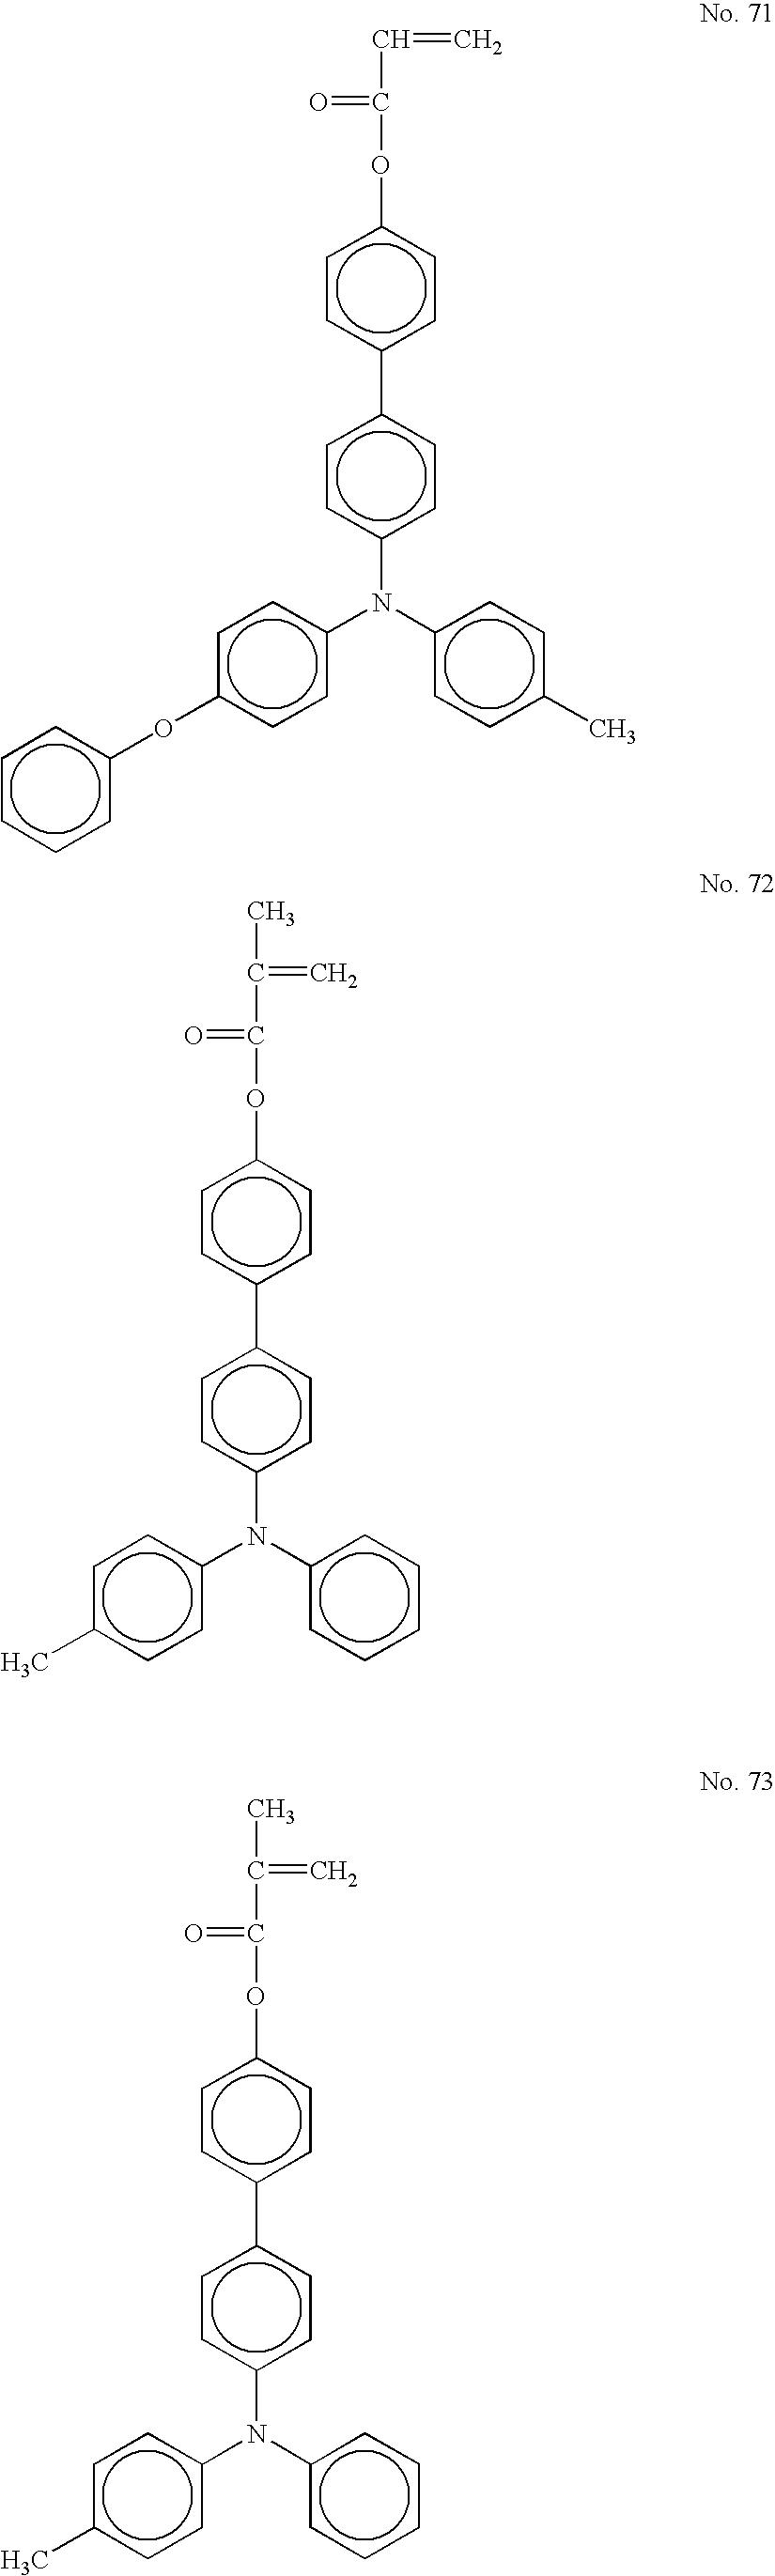 Figure US20050158641A1-20050721-C00037